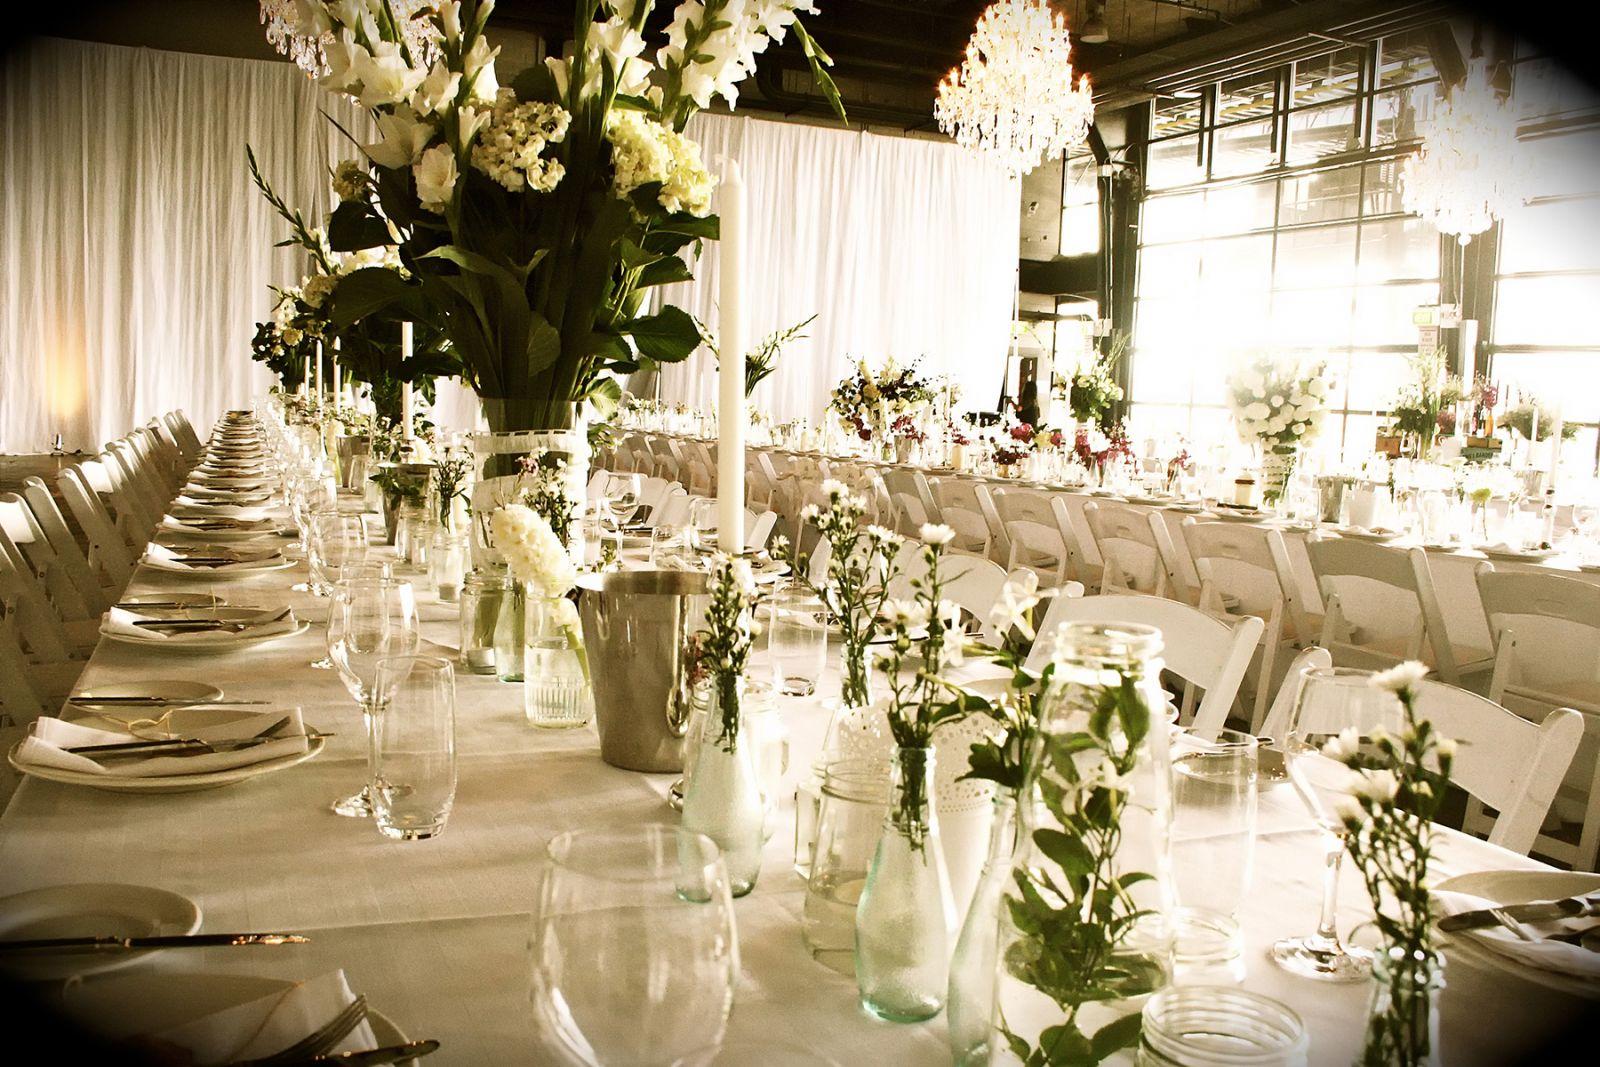 Tiệc cưới Hà Nội khác gì với tiệc cưới tại miền Nam?